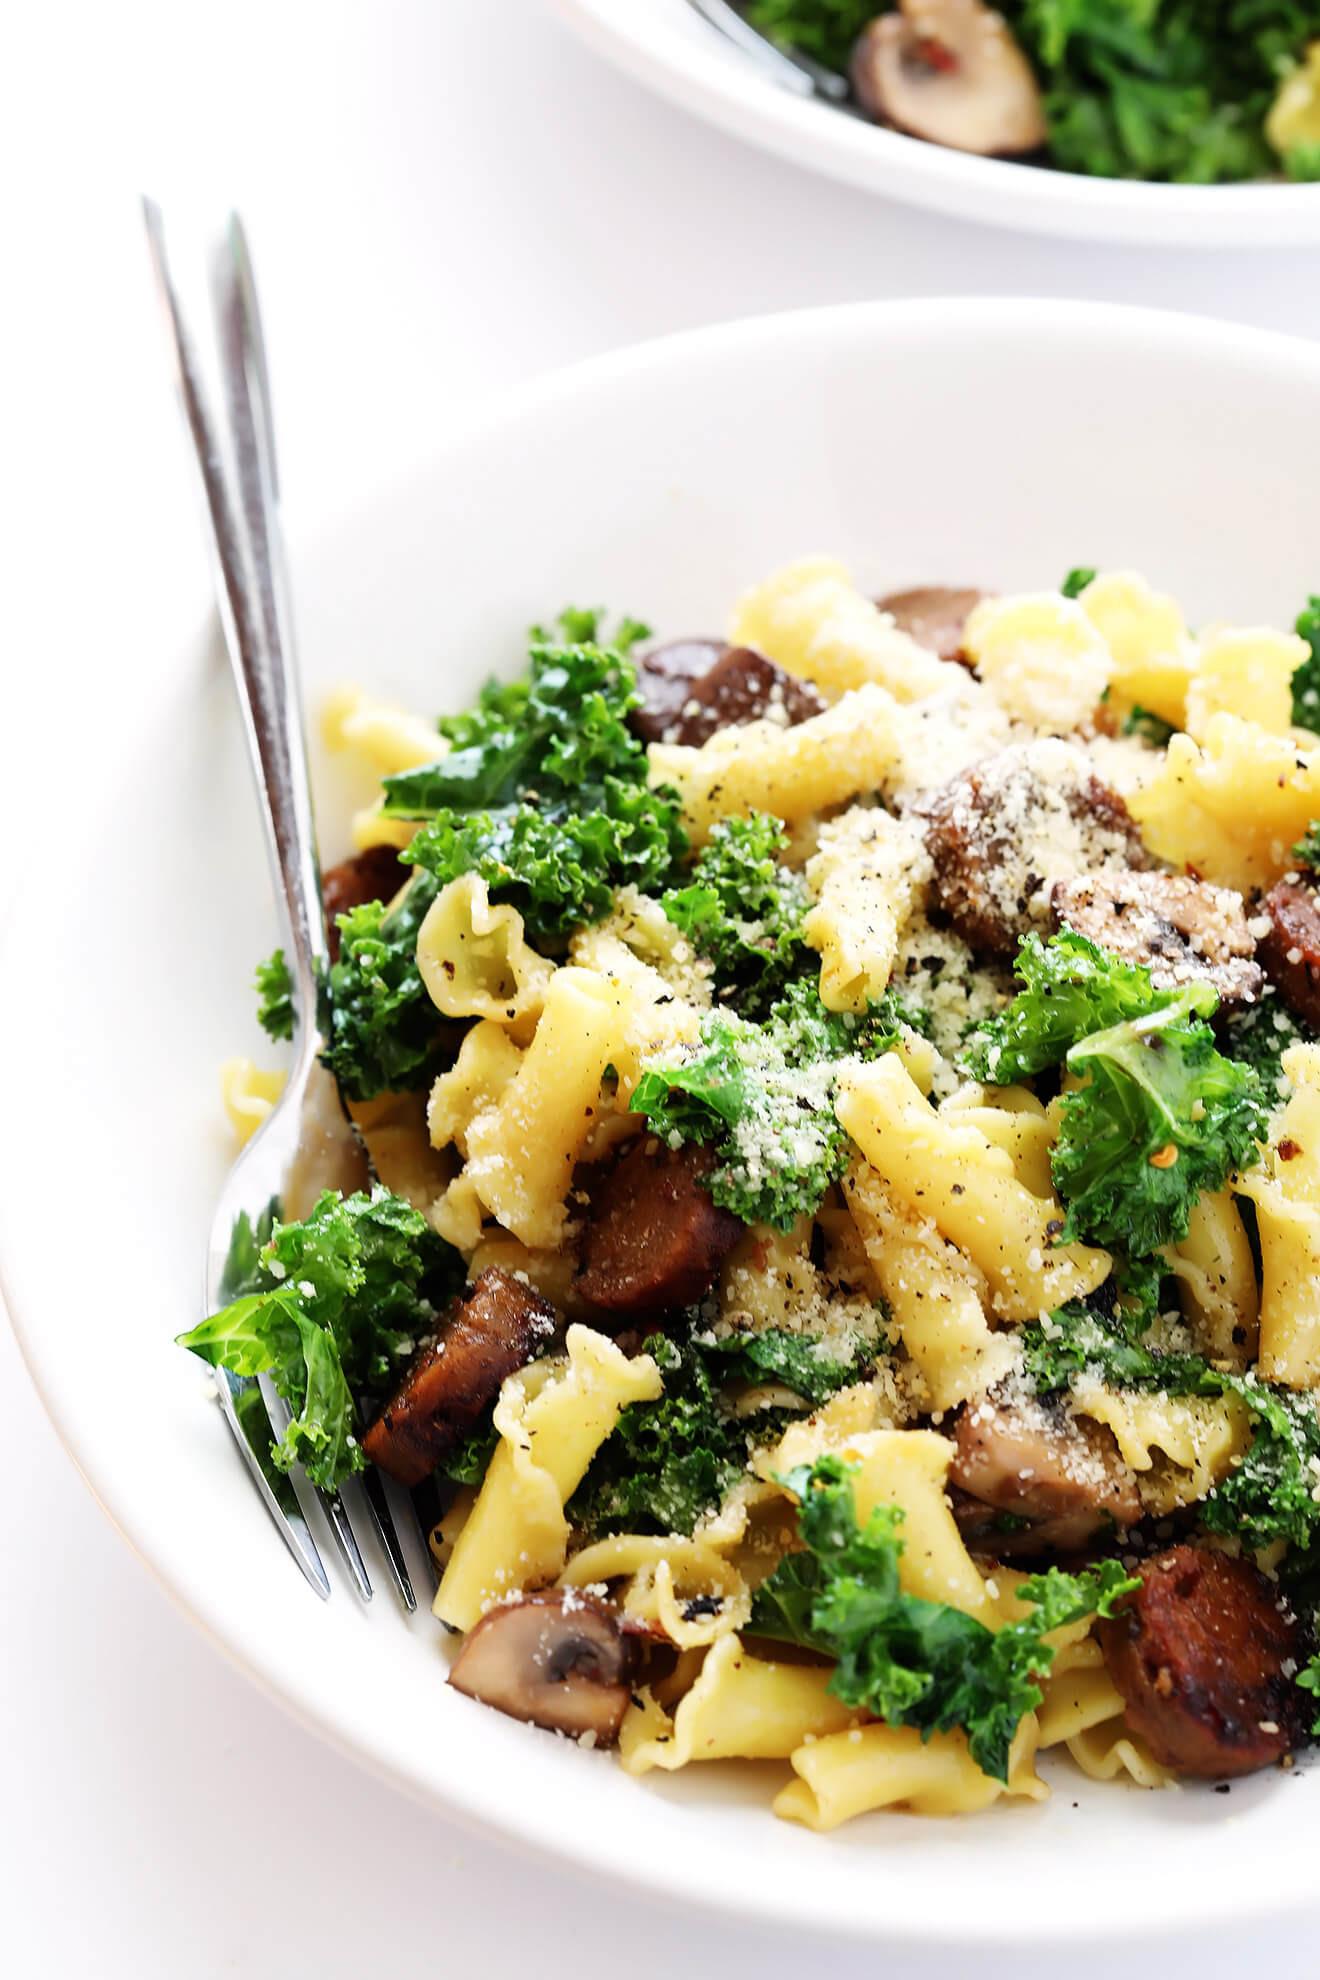 Italian Sausage Recipes  Pasta with Italian Sausage Kale and Mushrooms